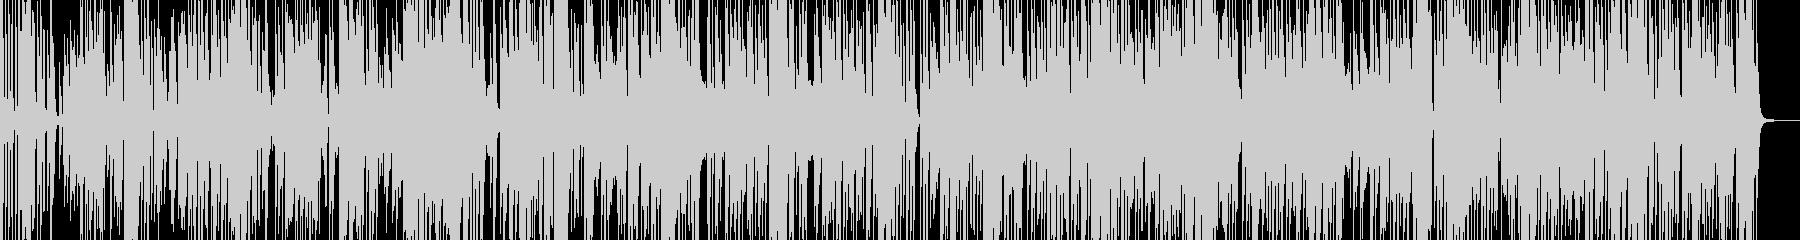 動きや変化をイメージしたファンクロックの未再生の波形